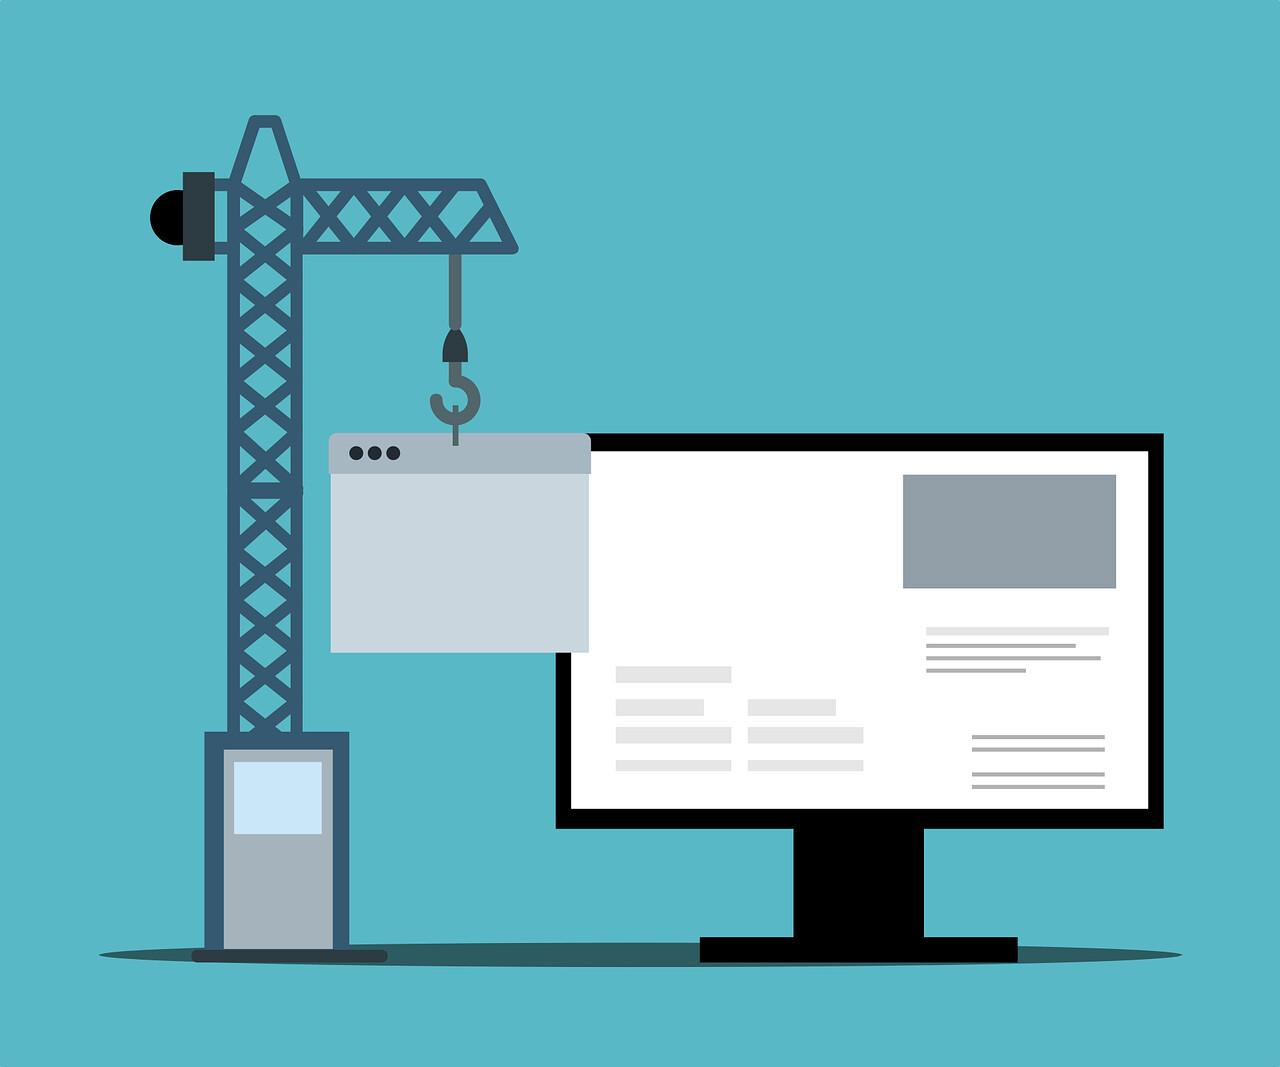 Stworzenie strony internetowej z intuicyjnym menu głównym wymaga dużego wyczucia i ostrożności. Jeden nierozważnie umieszczony element może zepsuć cały efekt